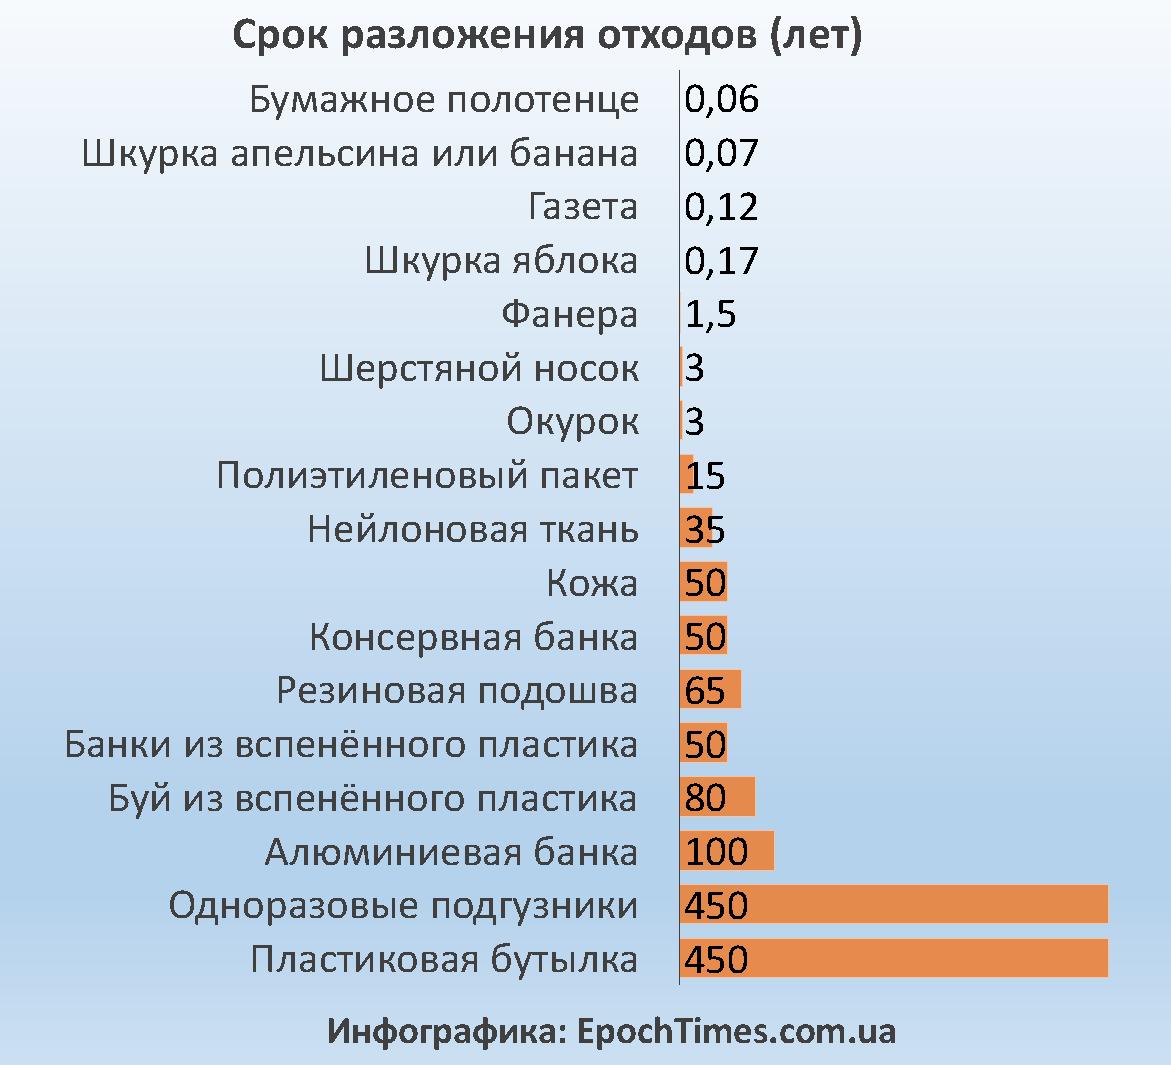 Сроки разложения отходов по версии des.nh.gov. Инфографика: Евгений Довбуш/EpochTimes.com.ua